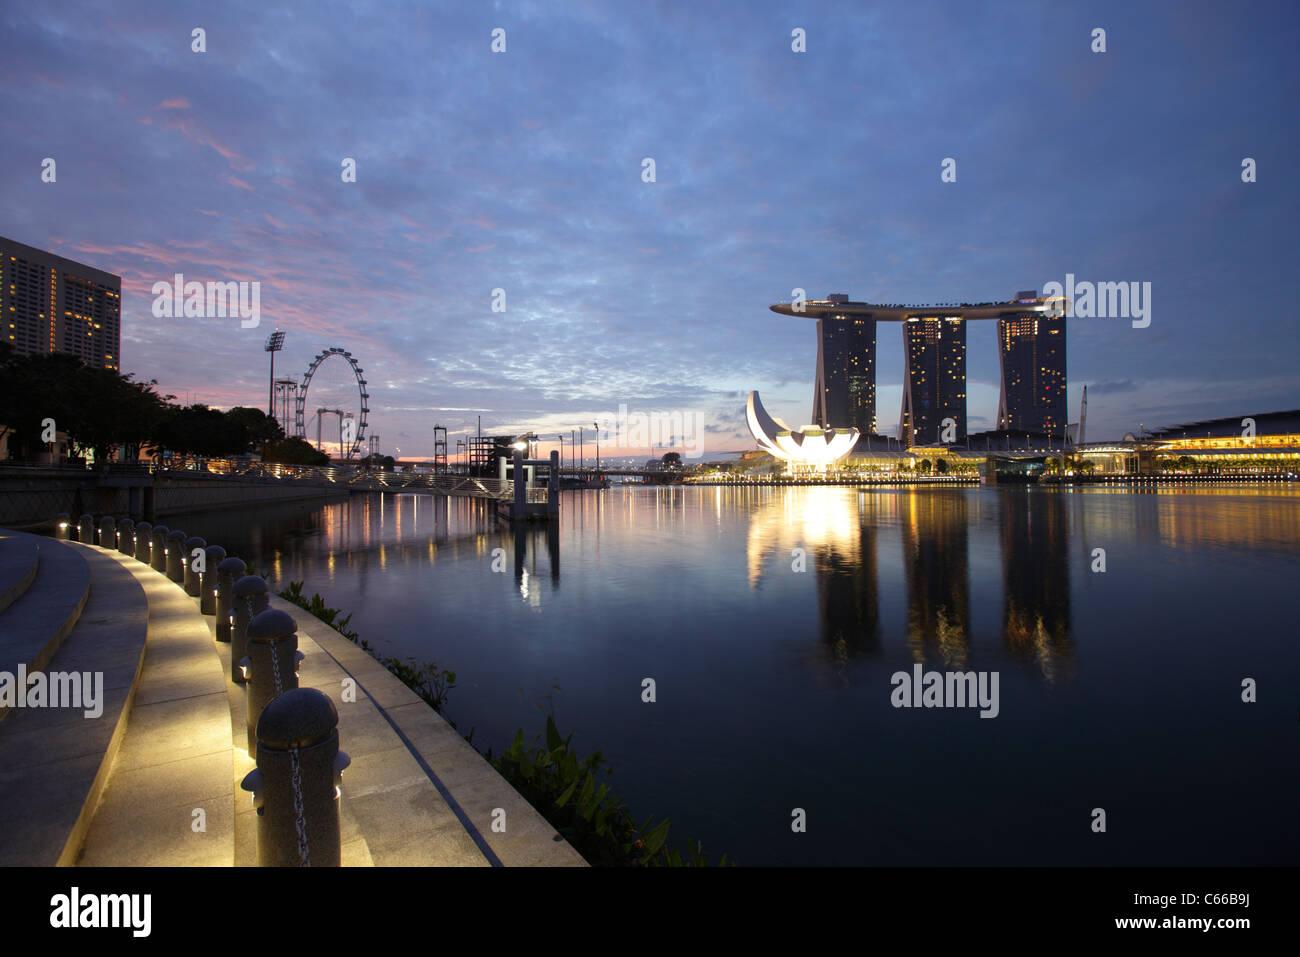 Vista della baia e del Marina Bay Sand Hotel, Singapore Immagini Stock